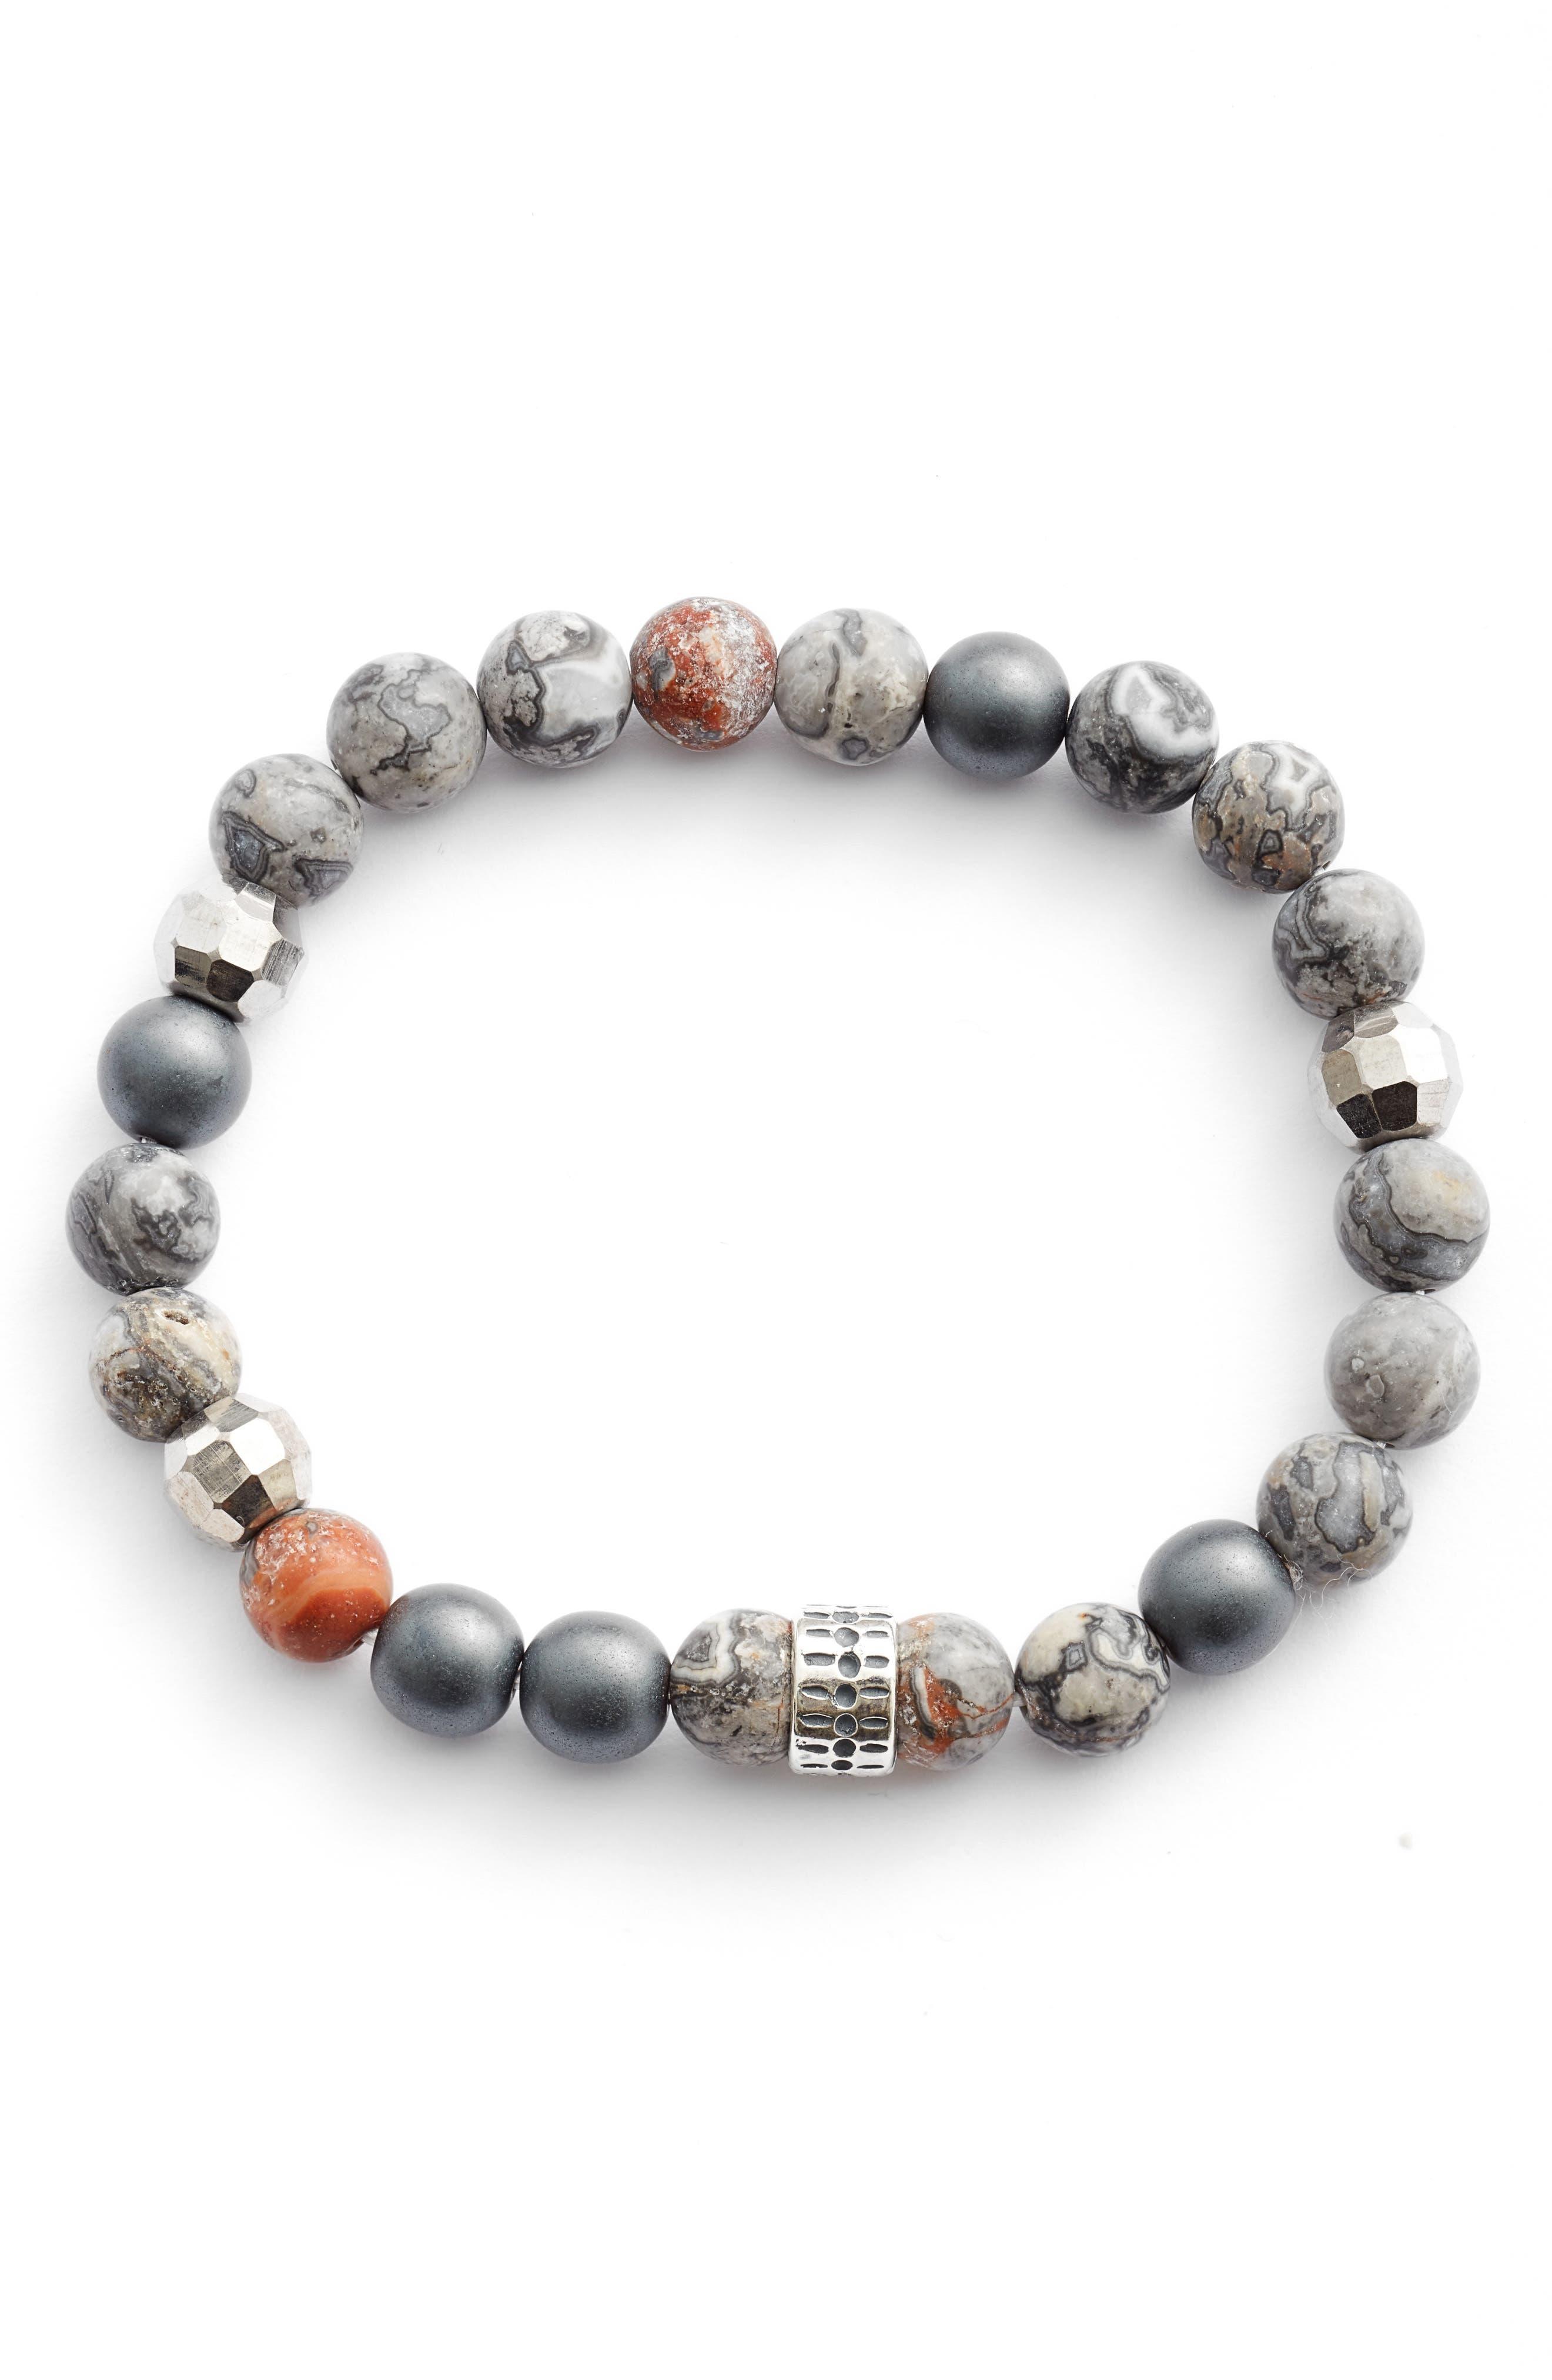 Stone & Sterling Silver Men's Stretch Bracelet